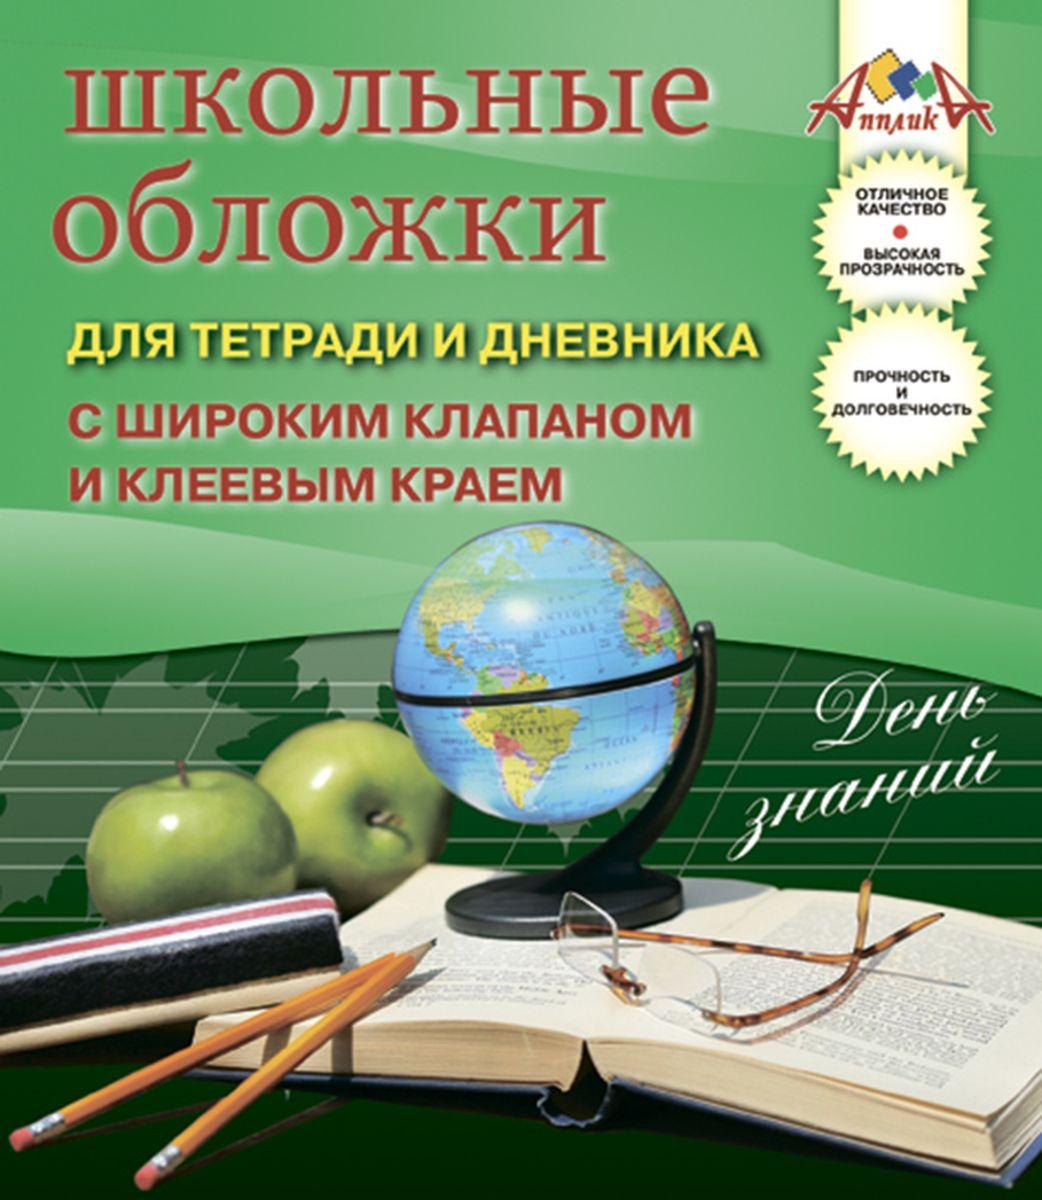 Апплика Набор обложек для тетрадей и дневников 5 шт С2867-01